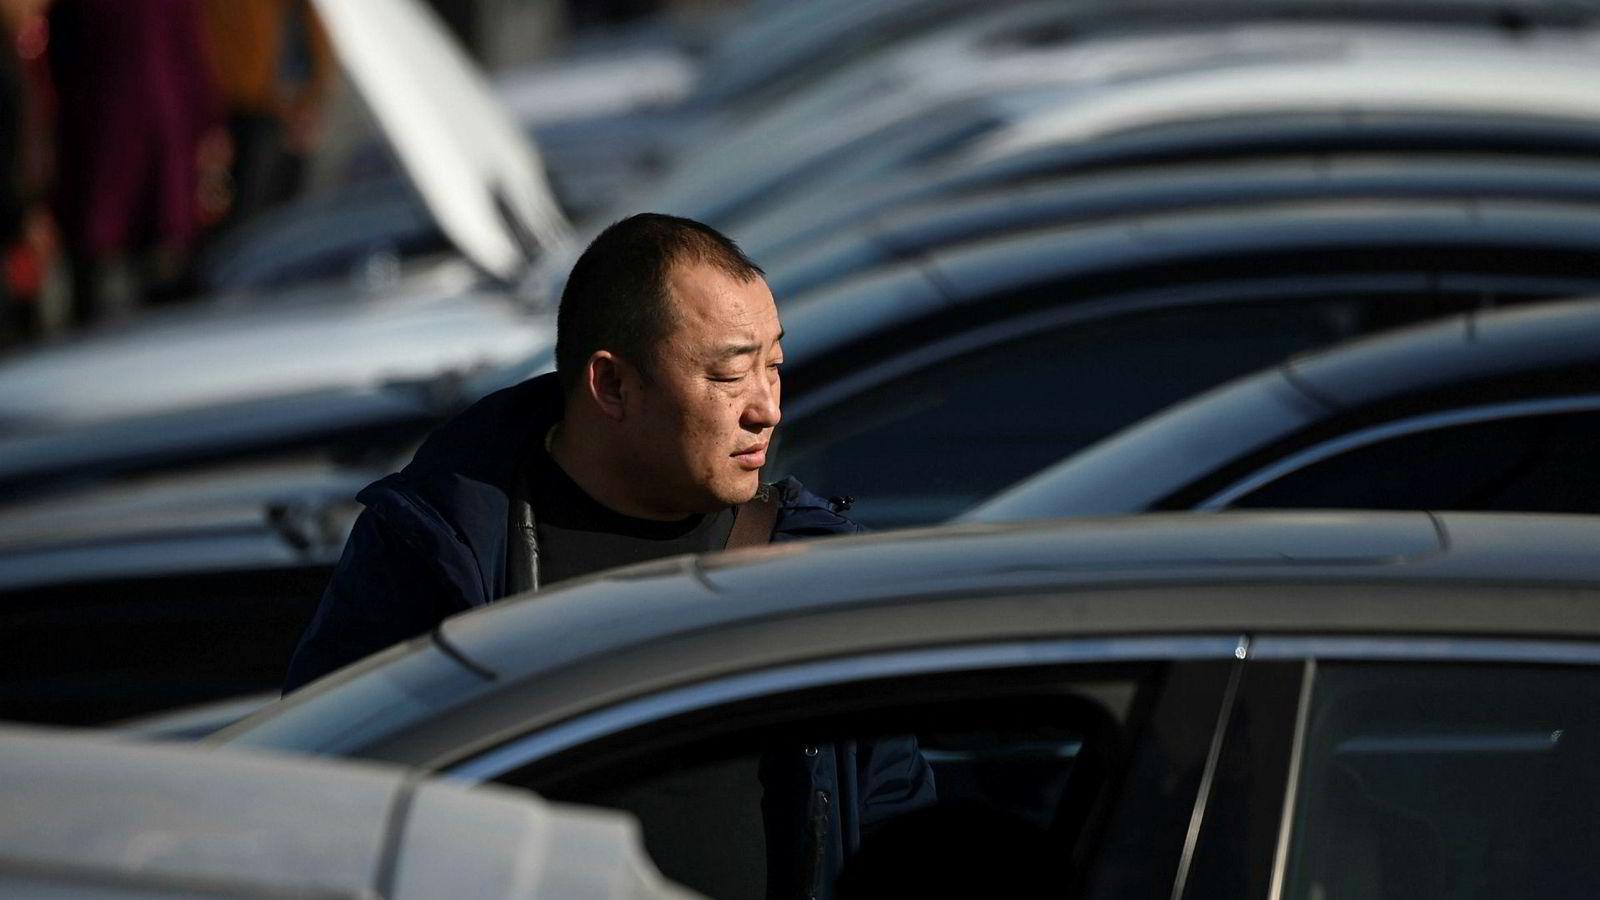 Salget av blant annet biler og smarttelefoner falt i Kina i 2018. Den økonomiske veksten var den svakeste på over et kvart århundre. En resultatsvikt hos nesten en tredjedel av børsselskapene kan være et signal om at situasjonen er verre enn offisielle statistikker viser.